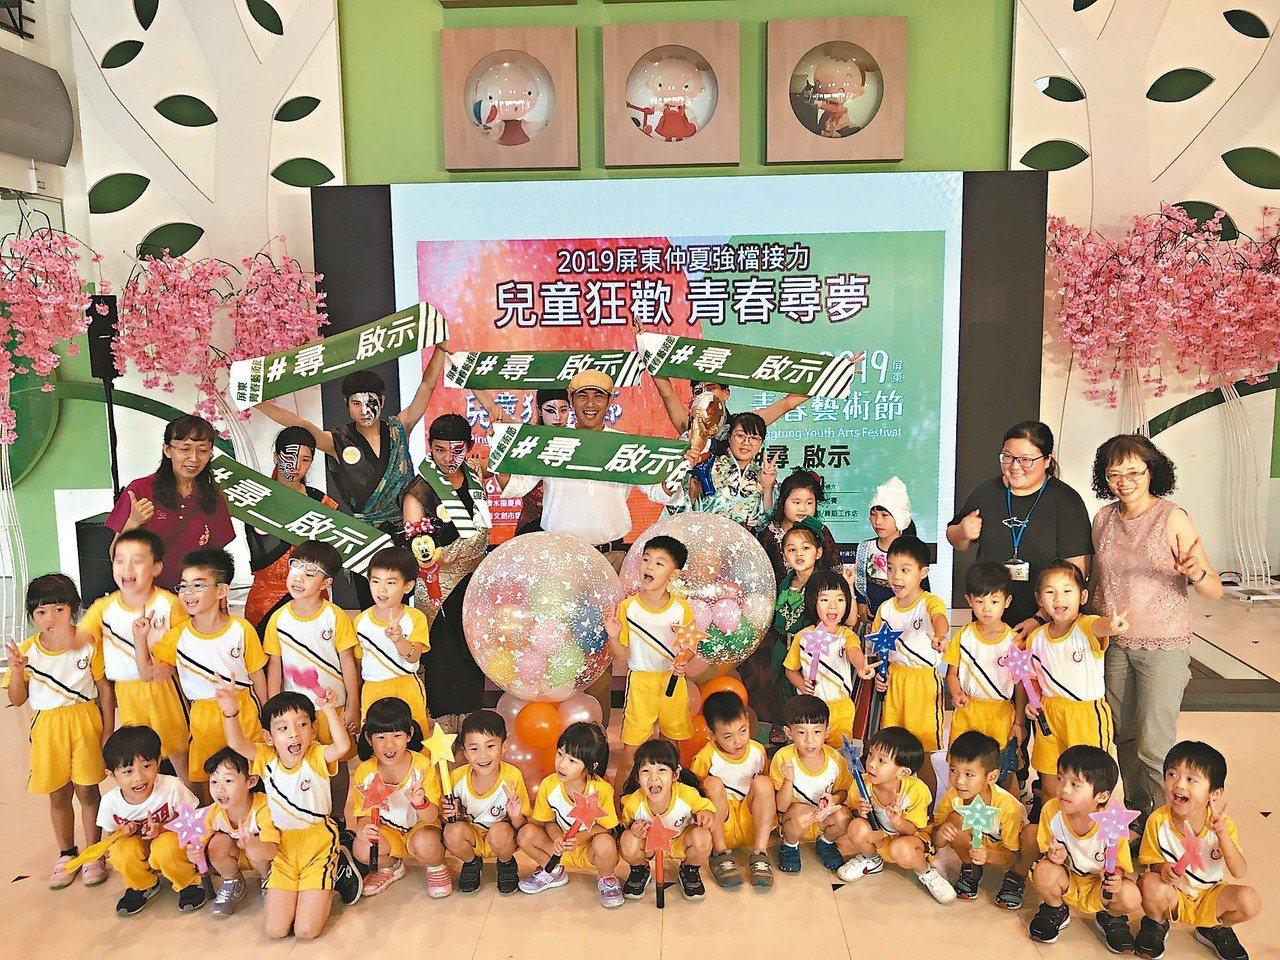 屏東兒童狂歡節7月6日在屏東藝術館揭幕,記者會上邀請大小朋友一起同樂,青春藝術節...